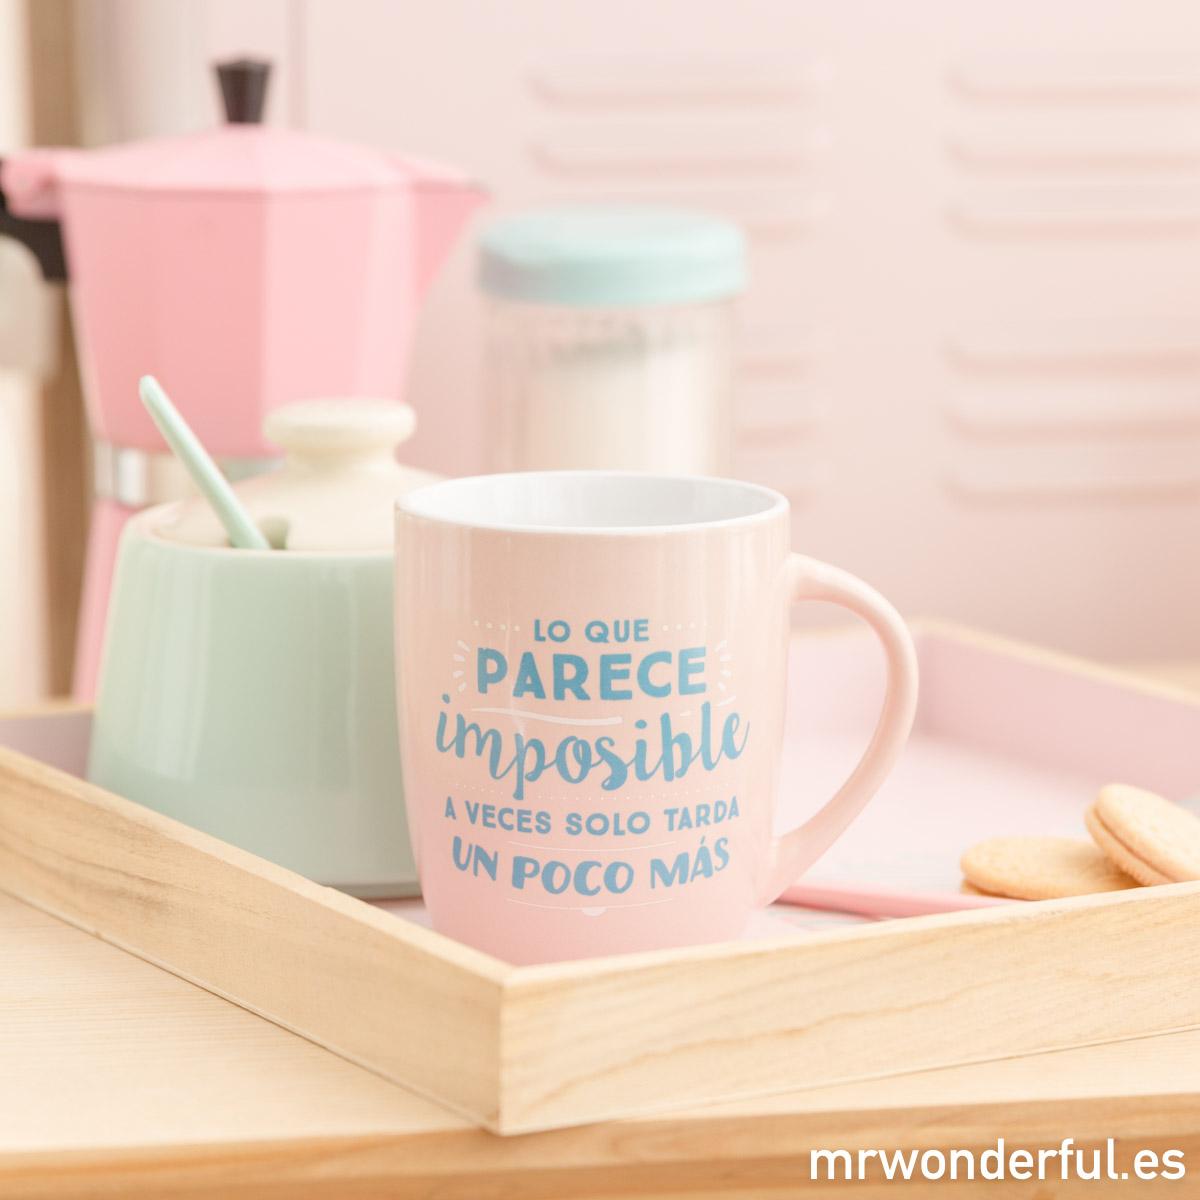 La vida es color de rosa, y estas tazas ¡también!